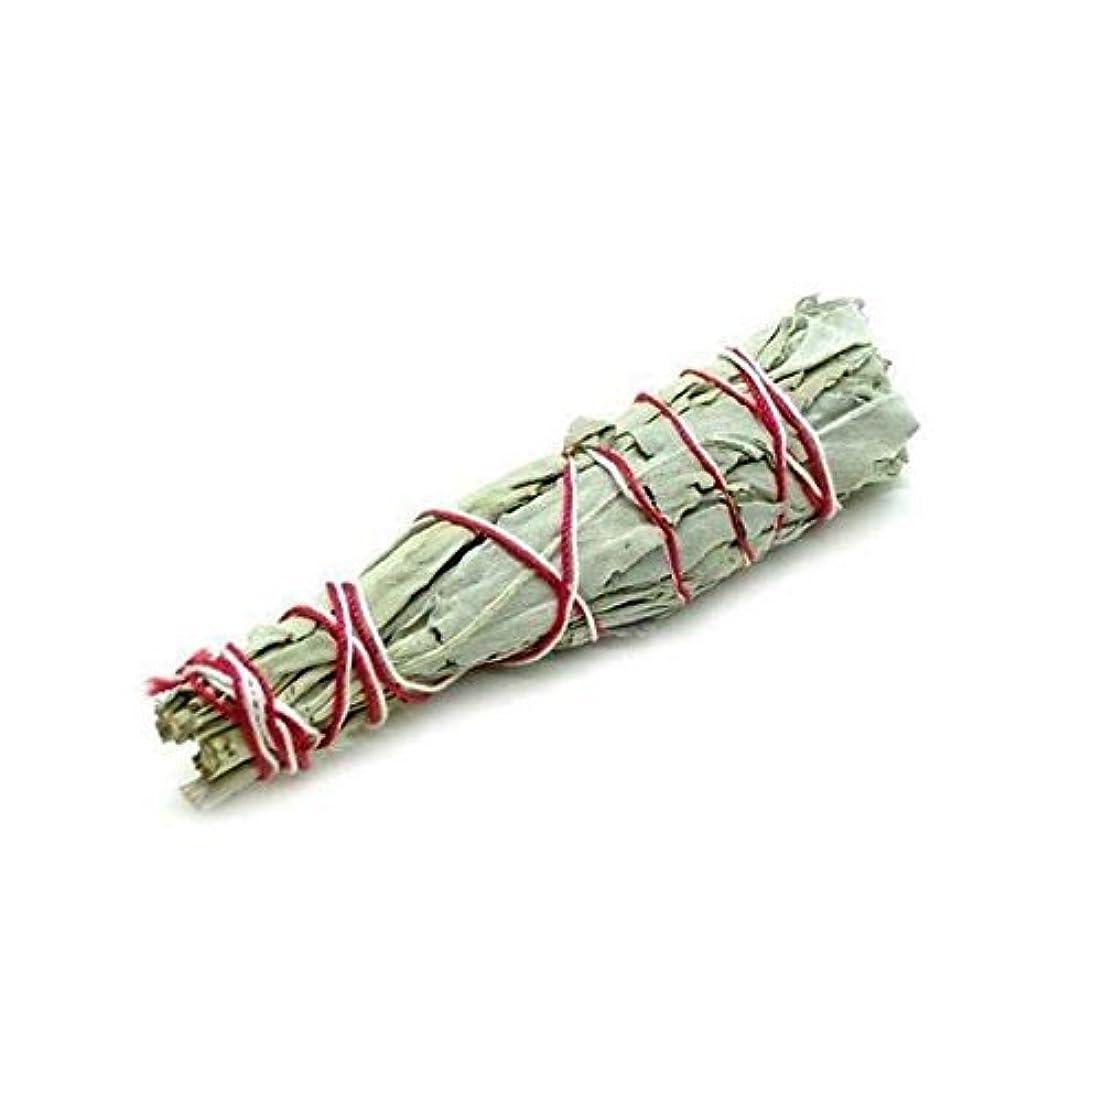 最終首見てセージバンドル – ホワイトセージSmudge Stick使用のクレンジングとPurifyingエネルギー、瞑想、自然として、消臭 – 6 Inches Long